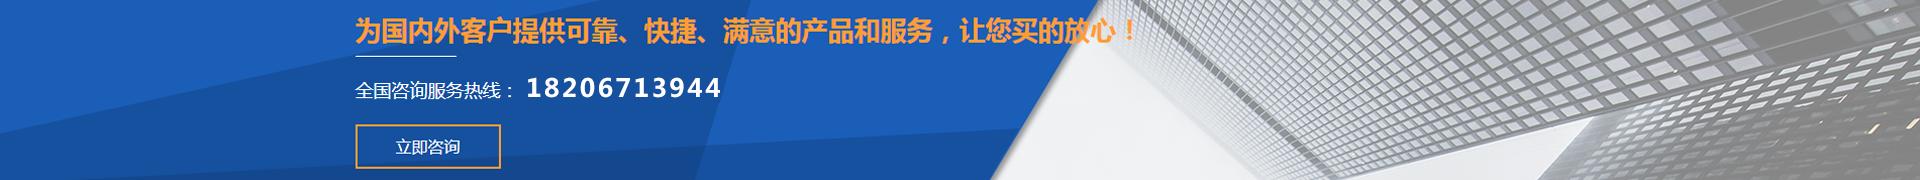 云南惠杰玻璃钢为国内外客户提供可靠、快捷的服务